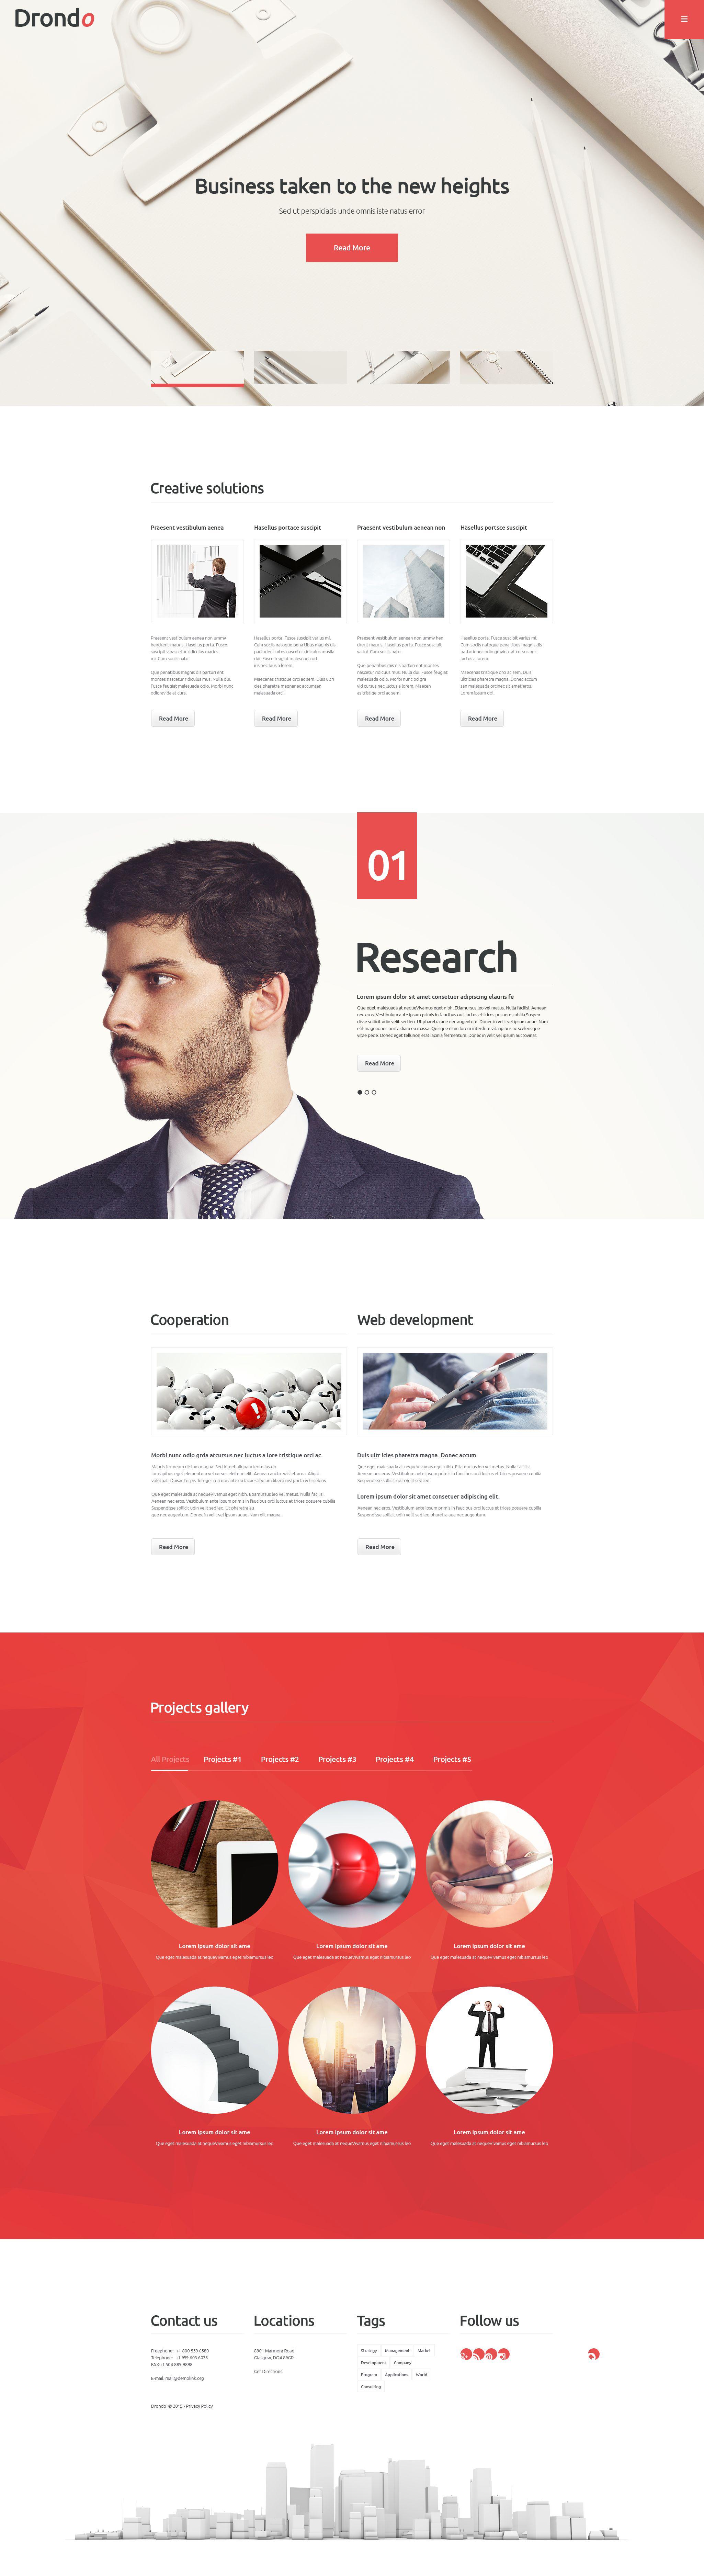 Responsywny motyw WordPress Drondo #55044 - zrzut ekranu